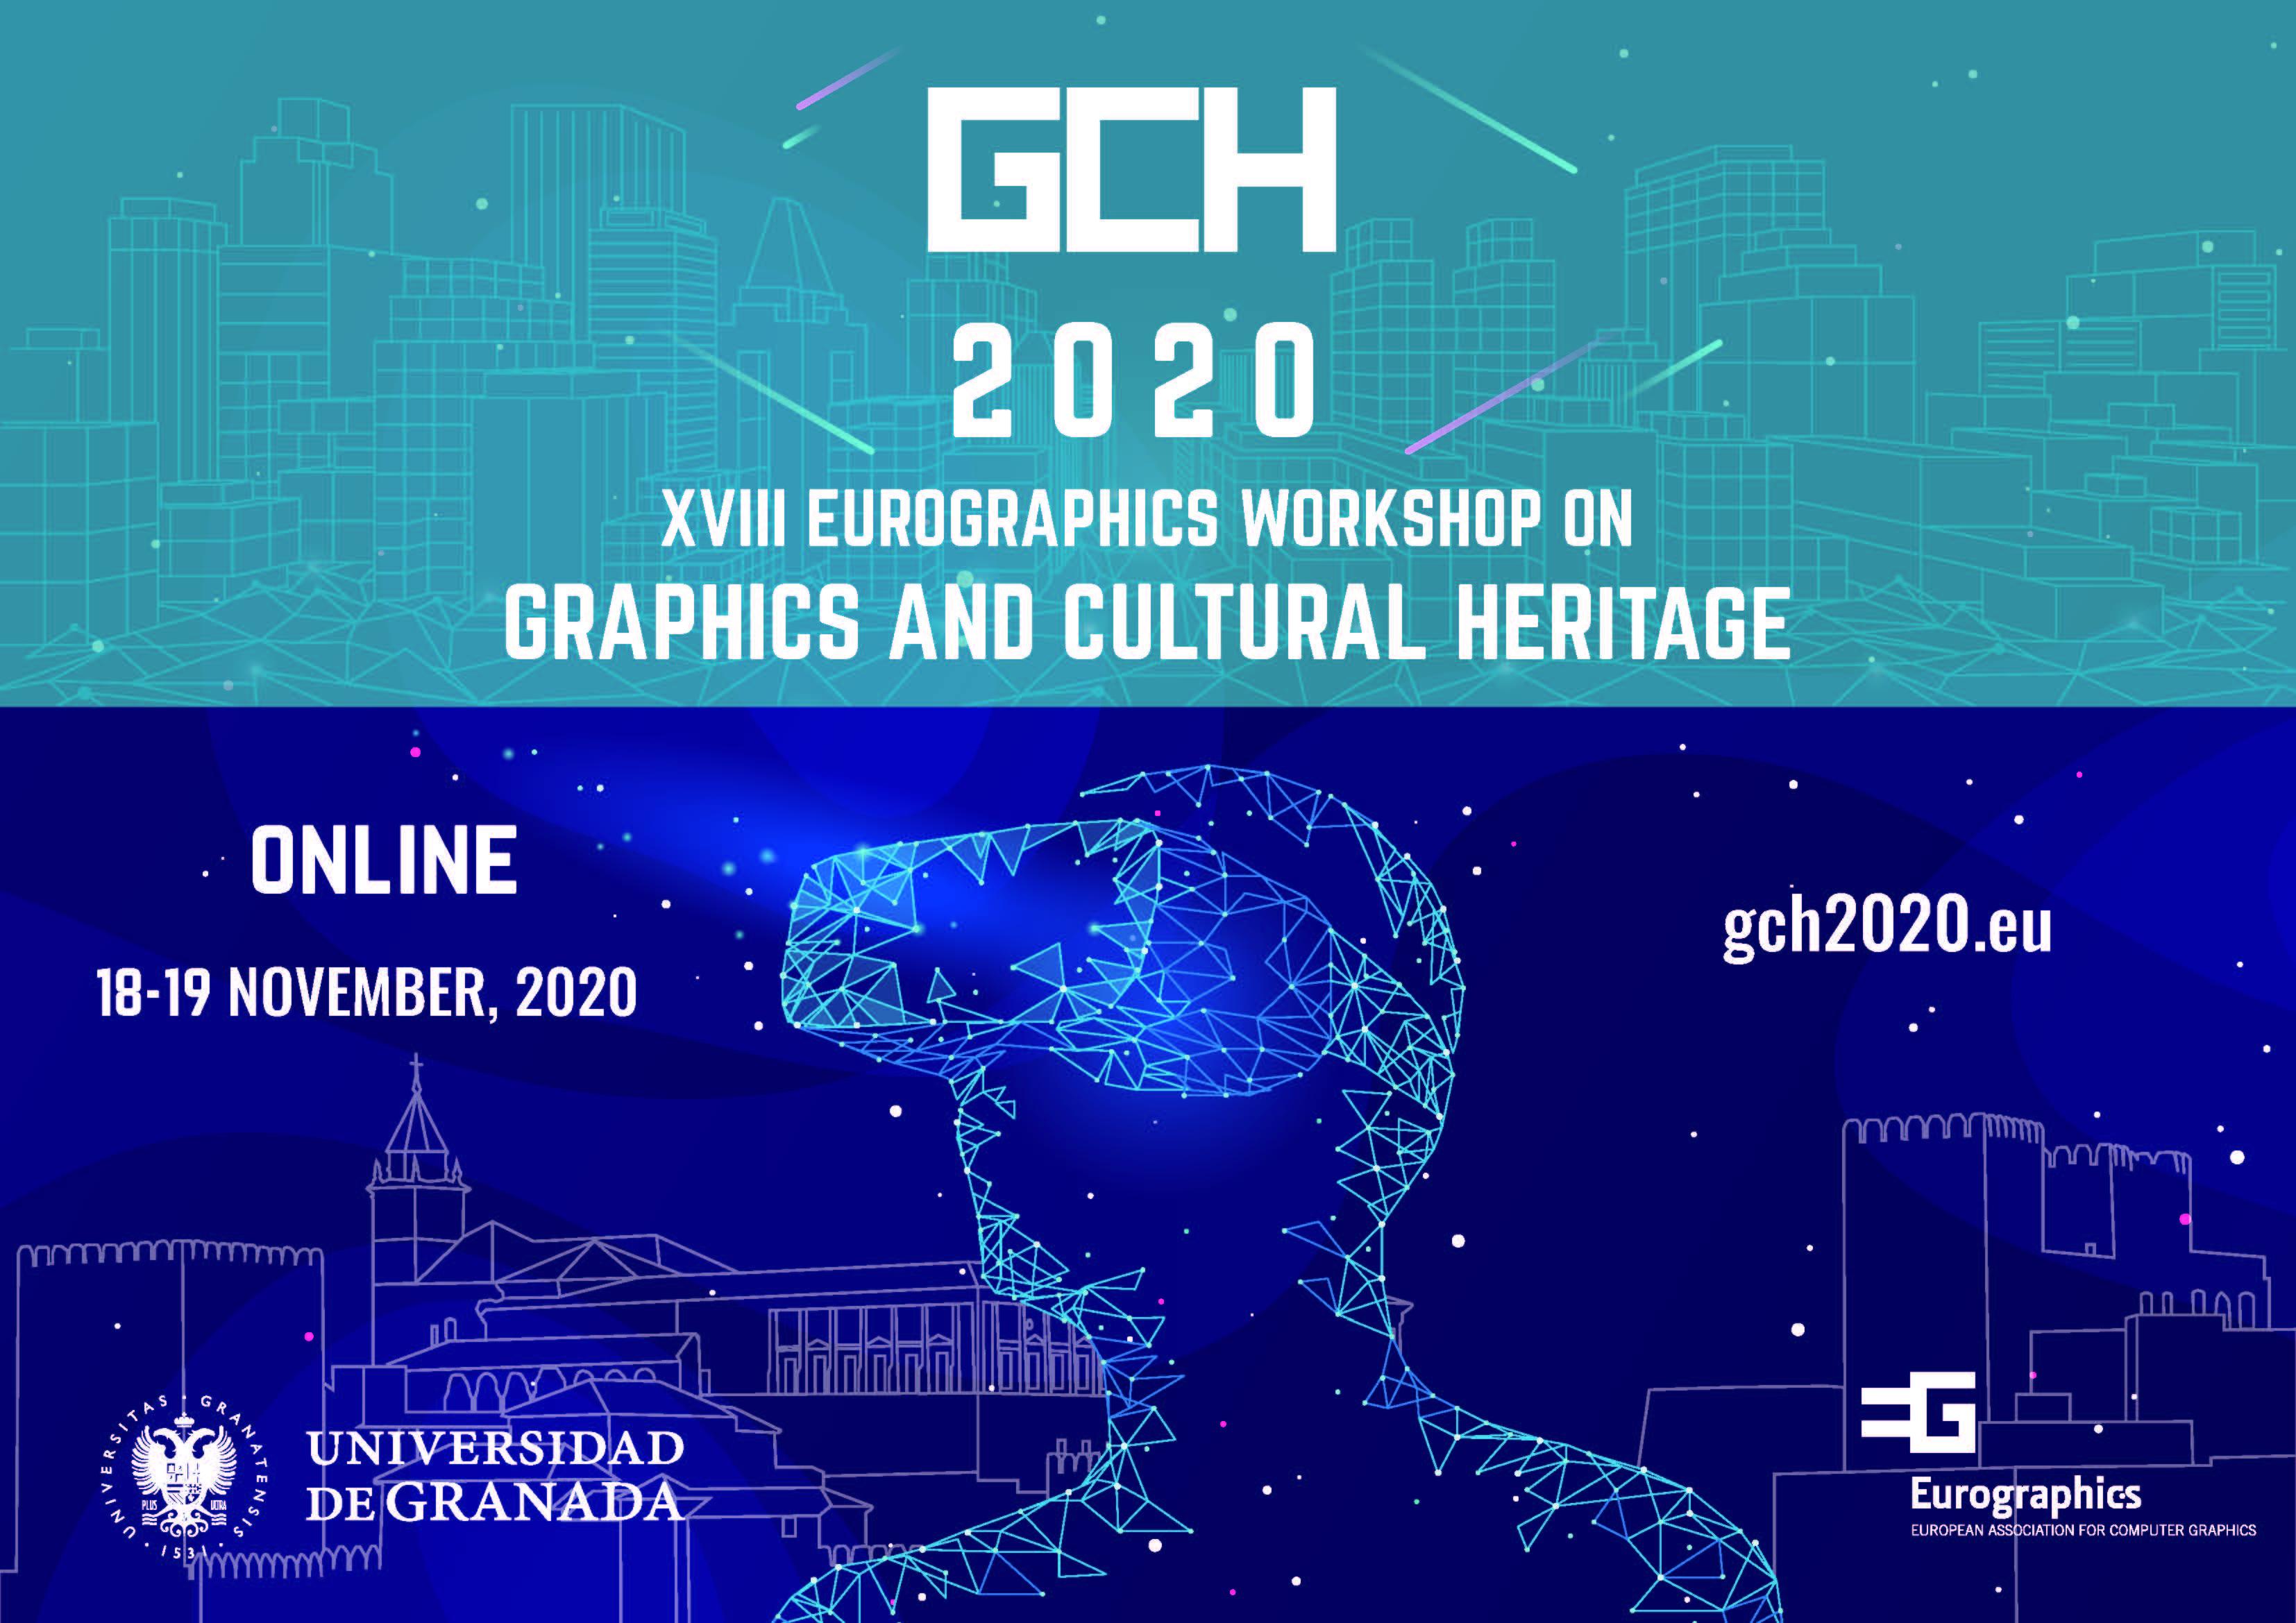 Los últimos avances en gráficos 3d y patrimonio cultural se comparten en un congreso internacional organizado por la UGR